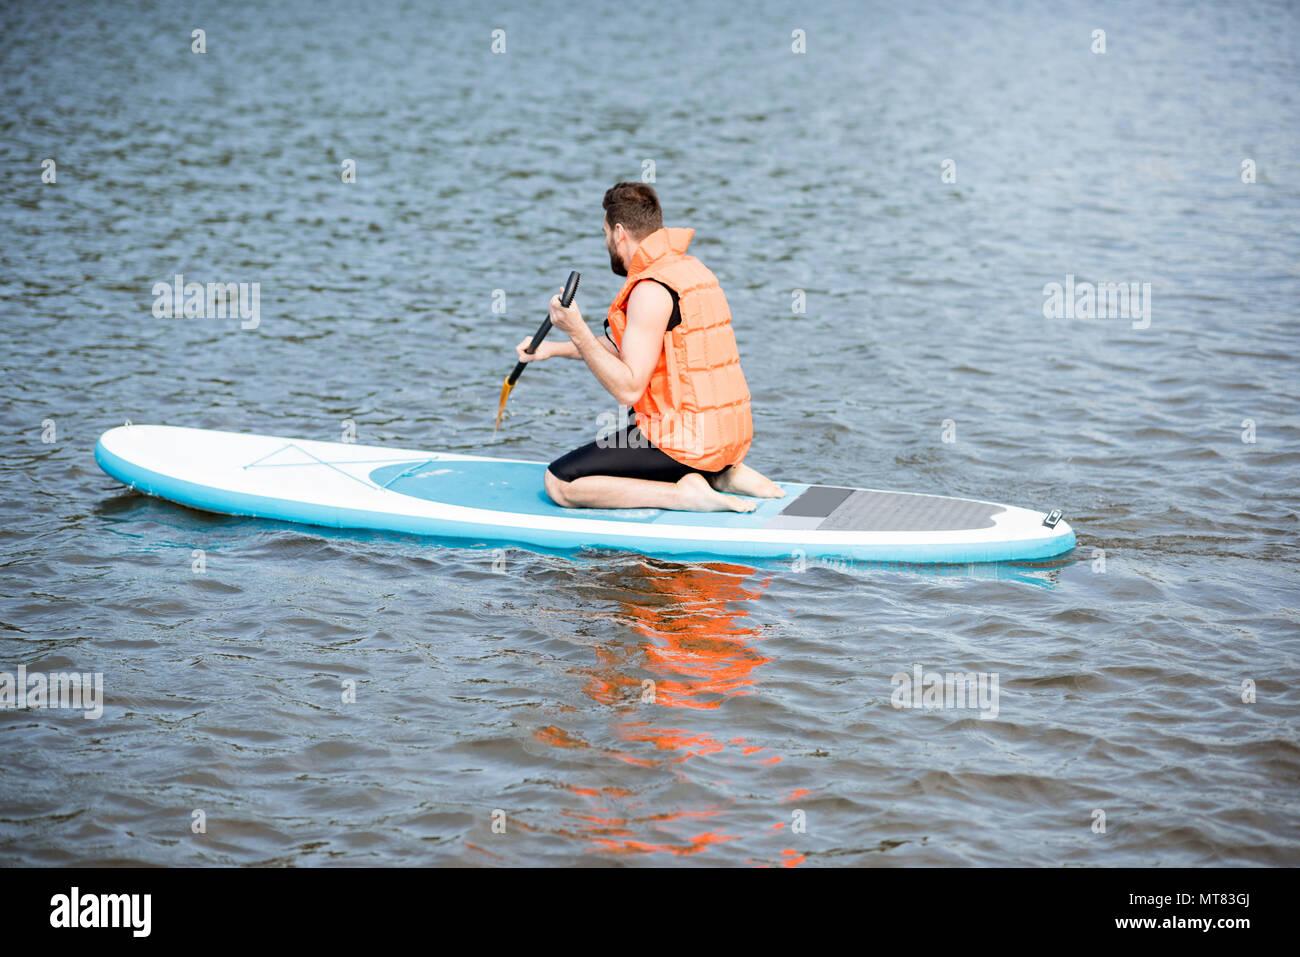 Uomo di nuoto sul paddleboard Immagini Stock